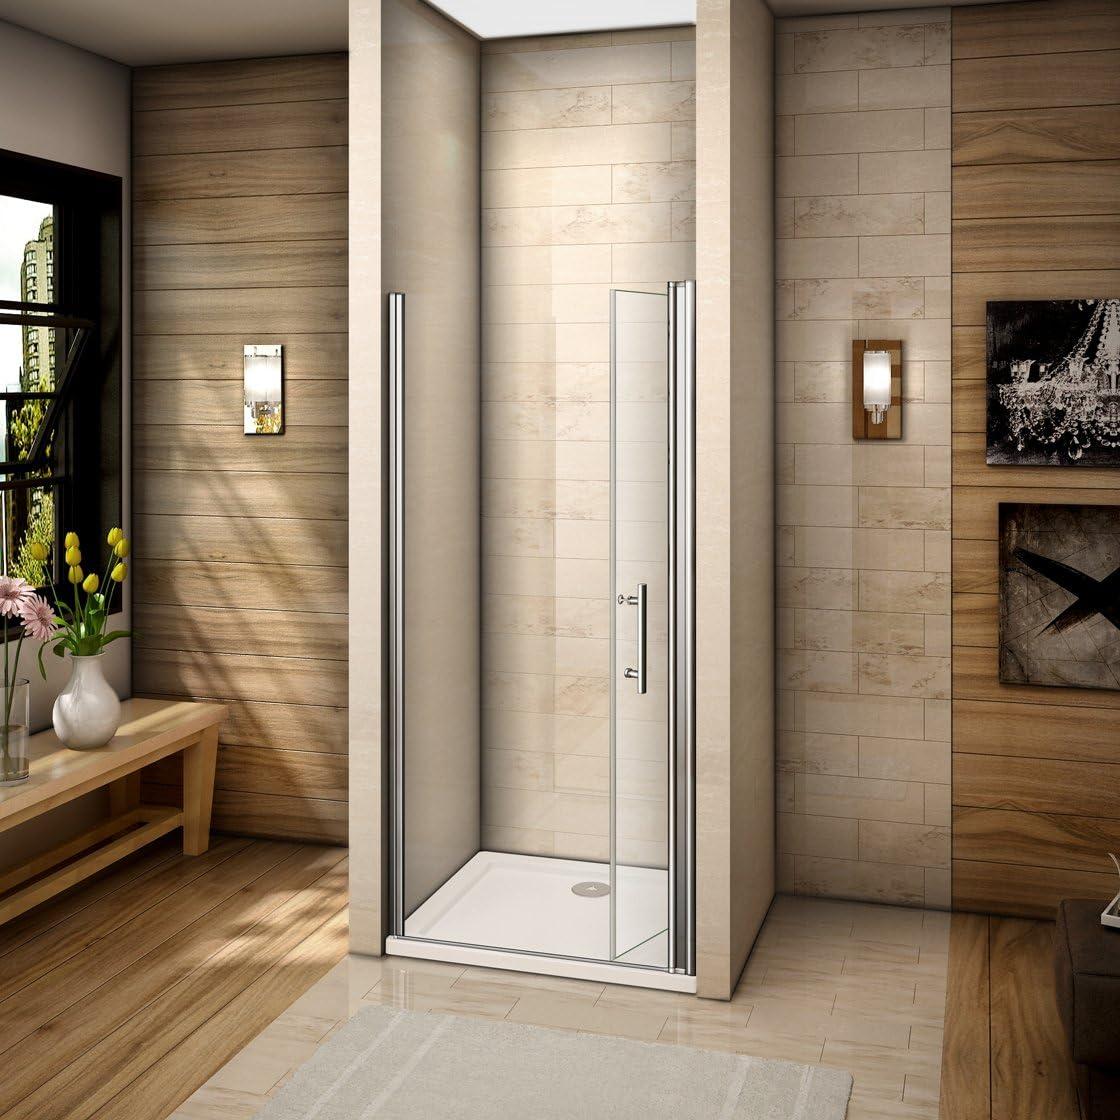 70x185cm Mamparas de ducha Pantalla baño plegable puerta de ducha ...